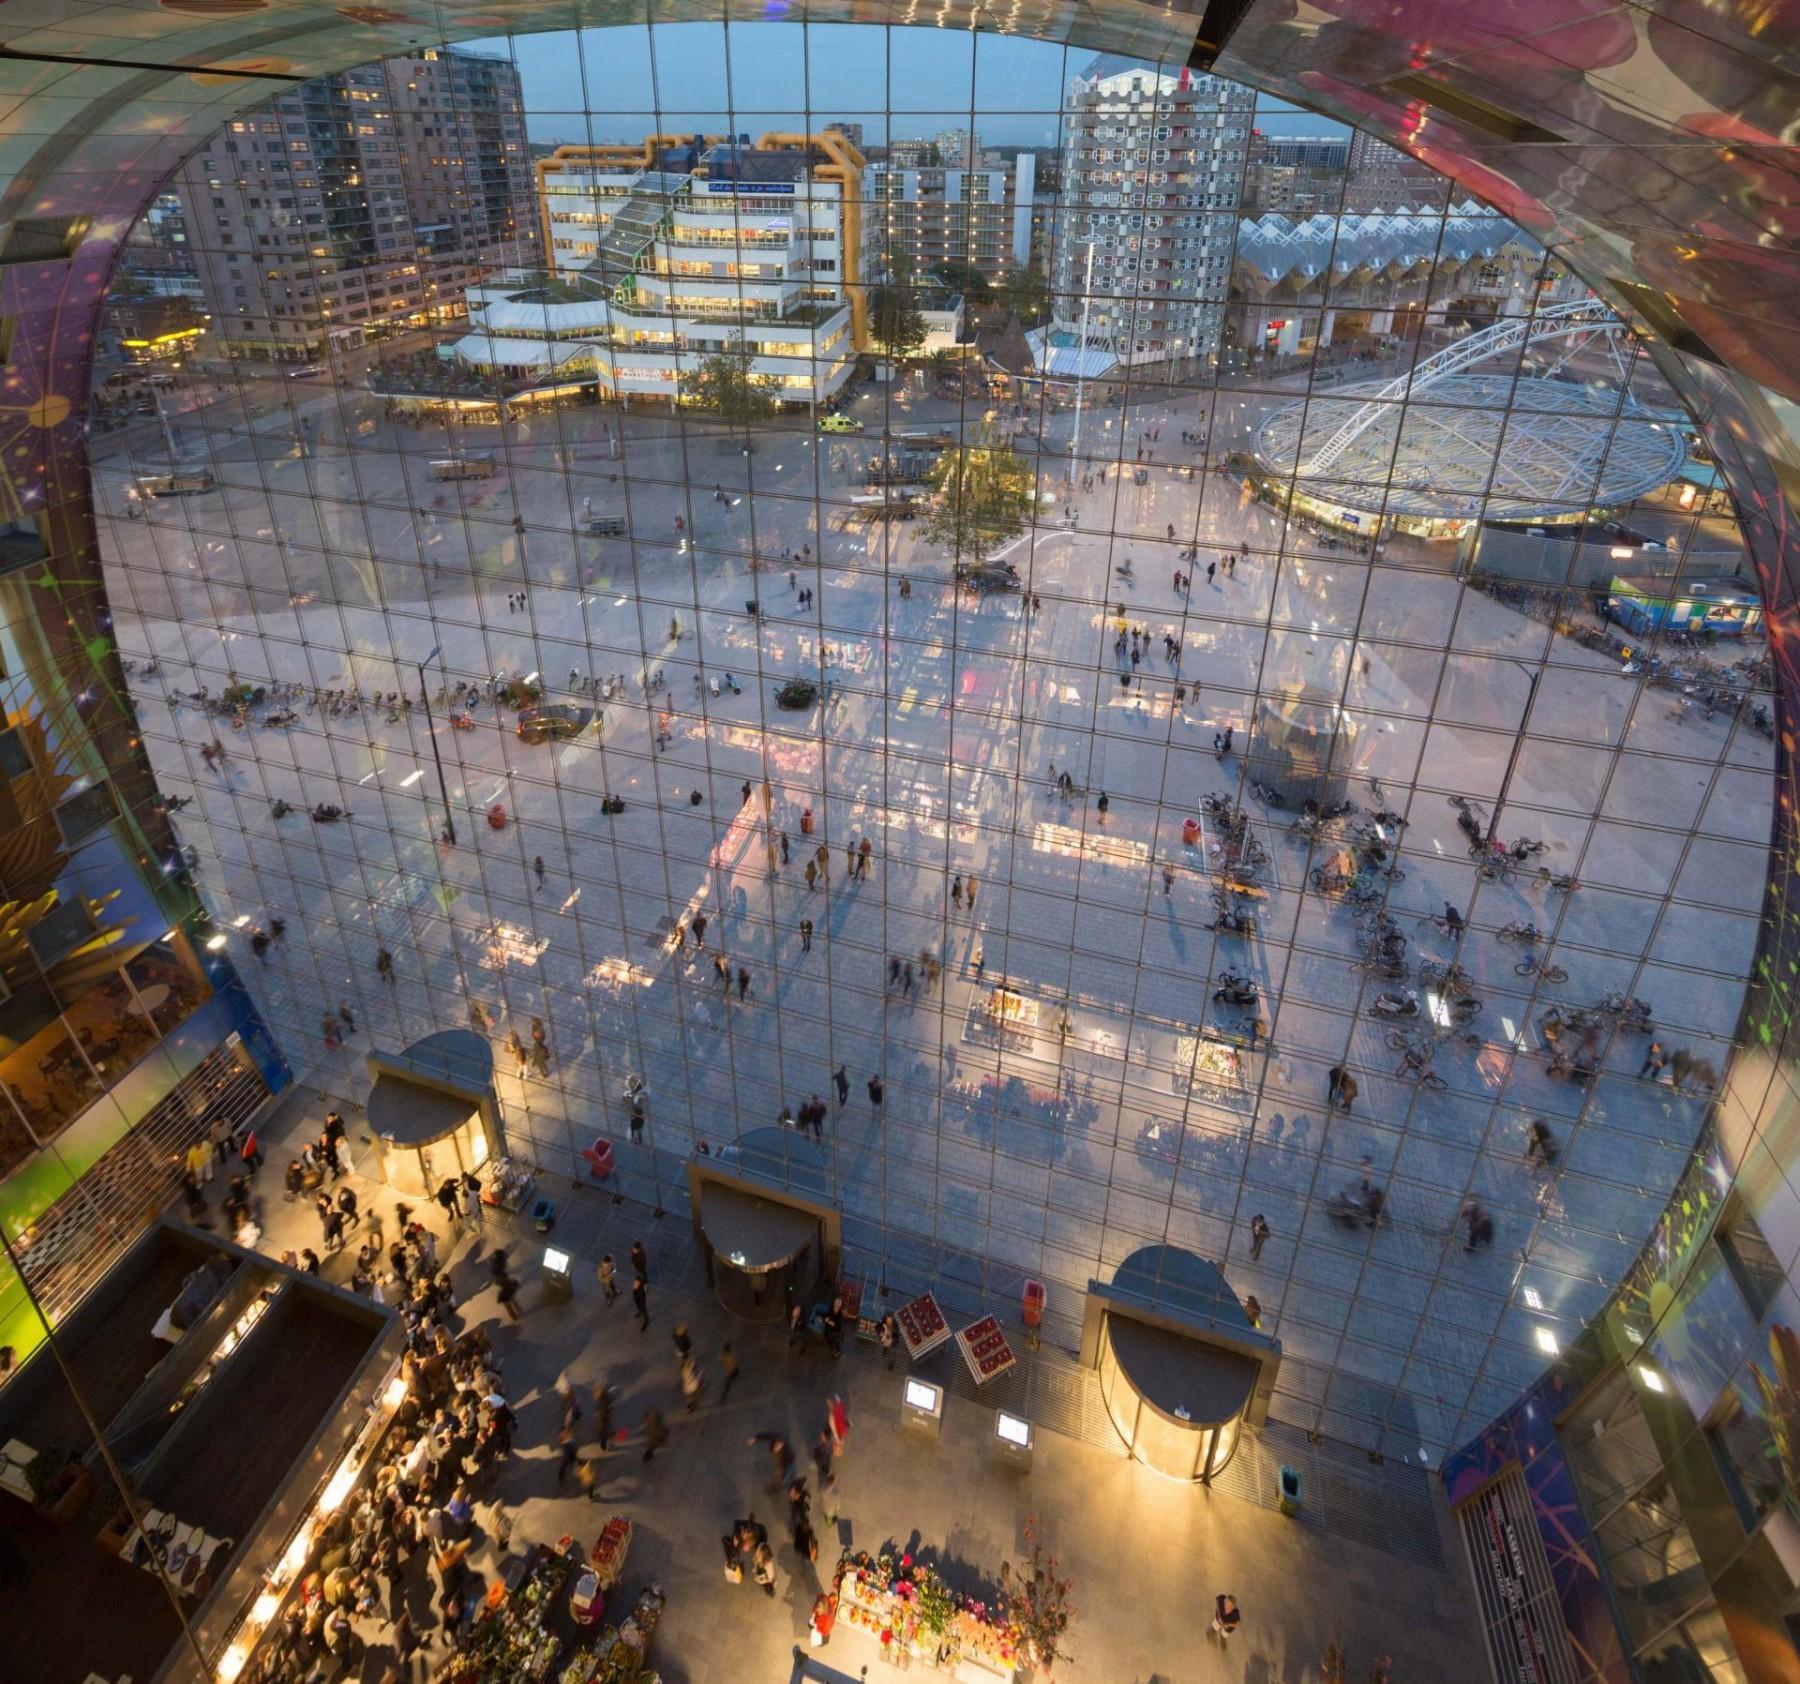 Markthal Rotterdam - Photographer- Ossip van Duivenbode